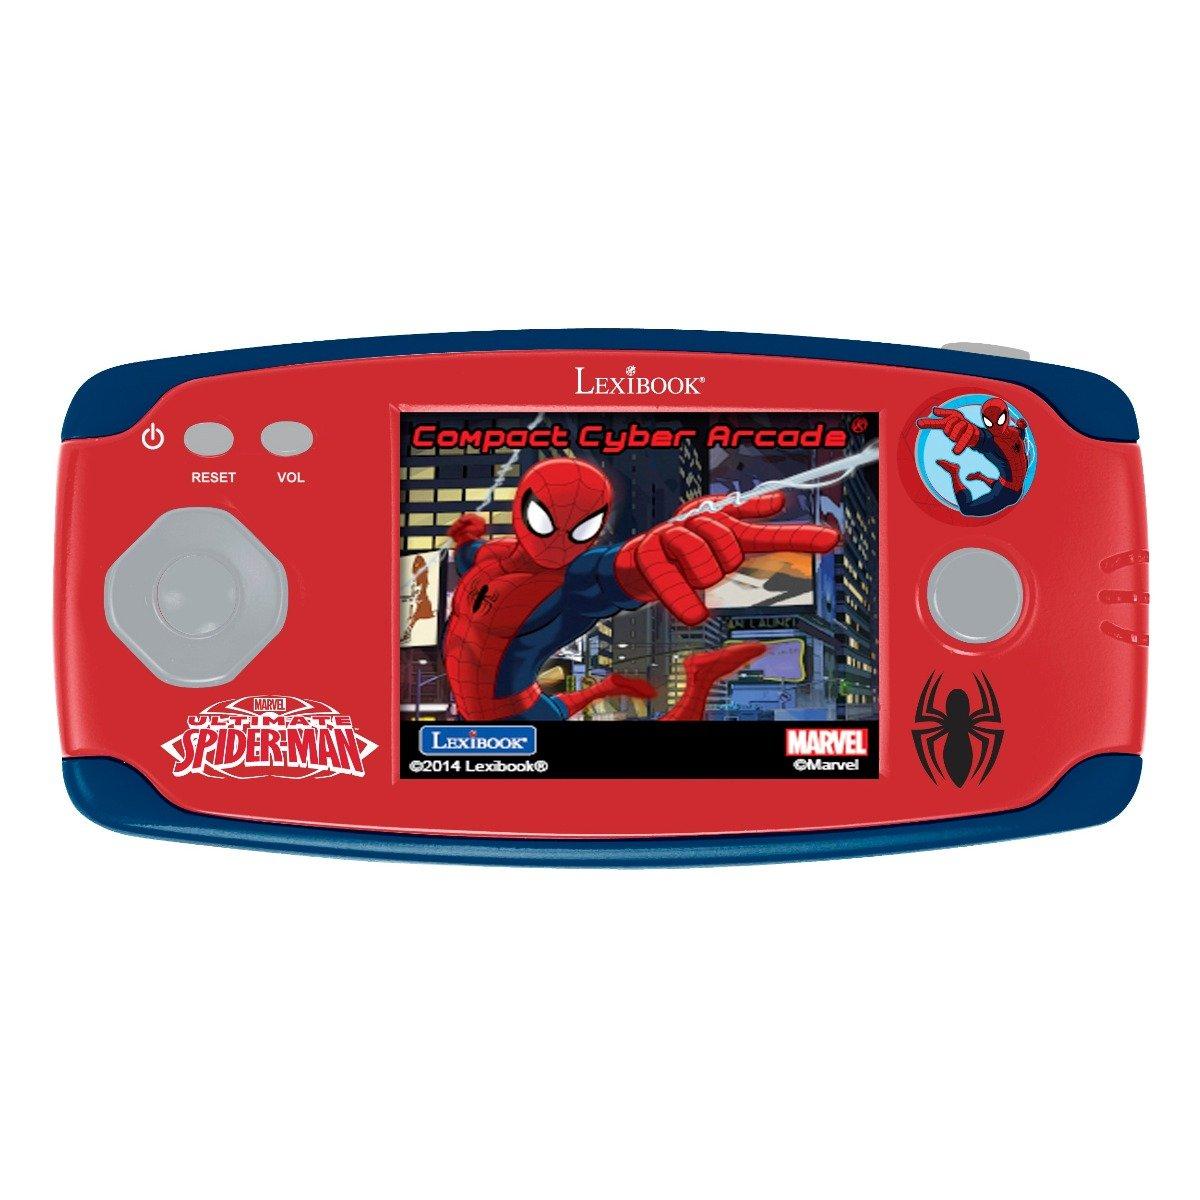 Consola portabila Cyber Arcade Spiderman, 150 jocuri imagine